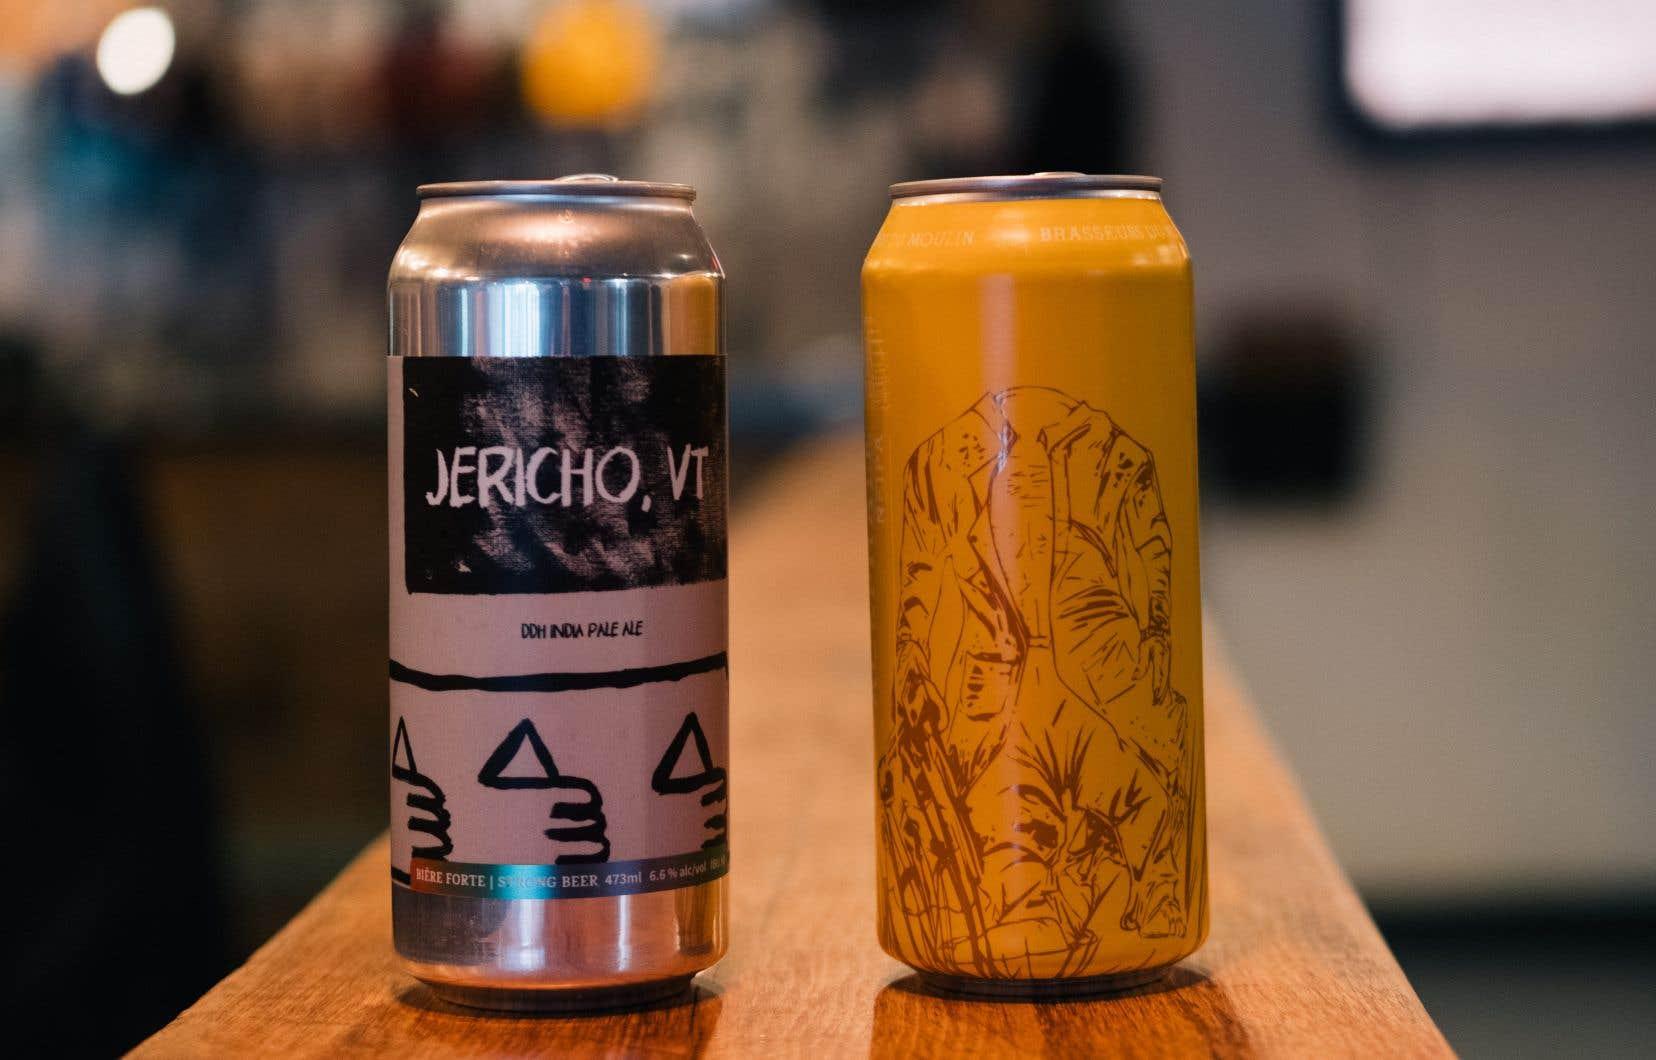 La Jericho, VT de la brasserie Sir John Brewing à Lachute et l'IPA de Brasseurs du Moulin à Beloeil